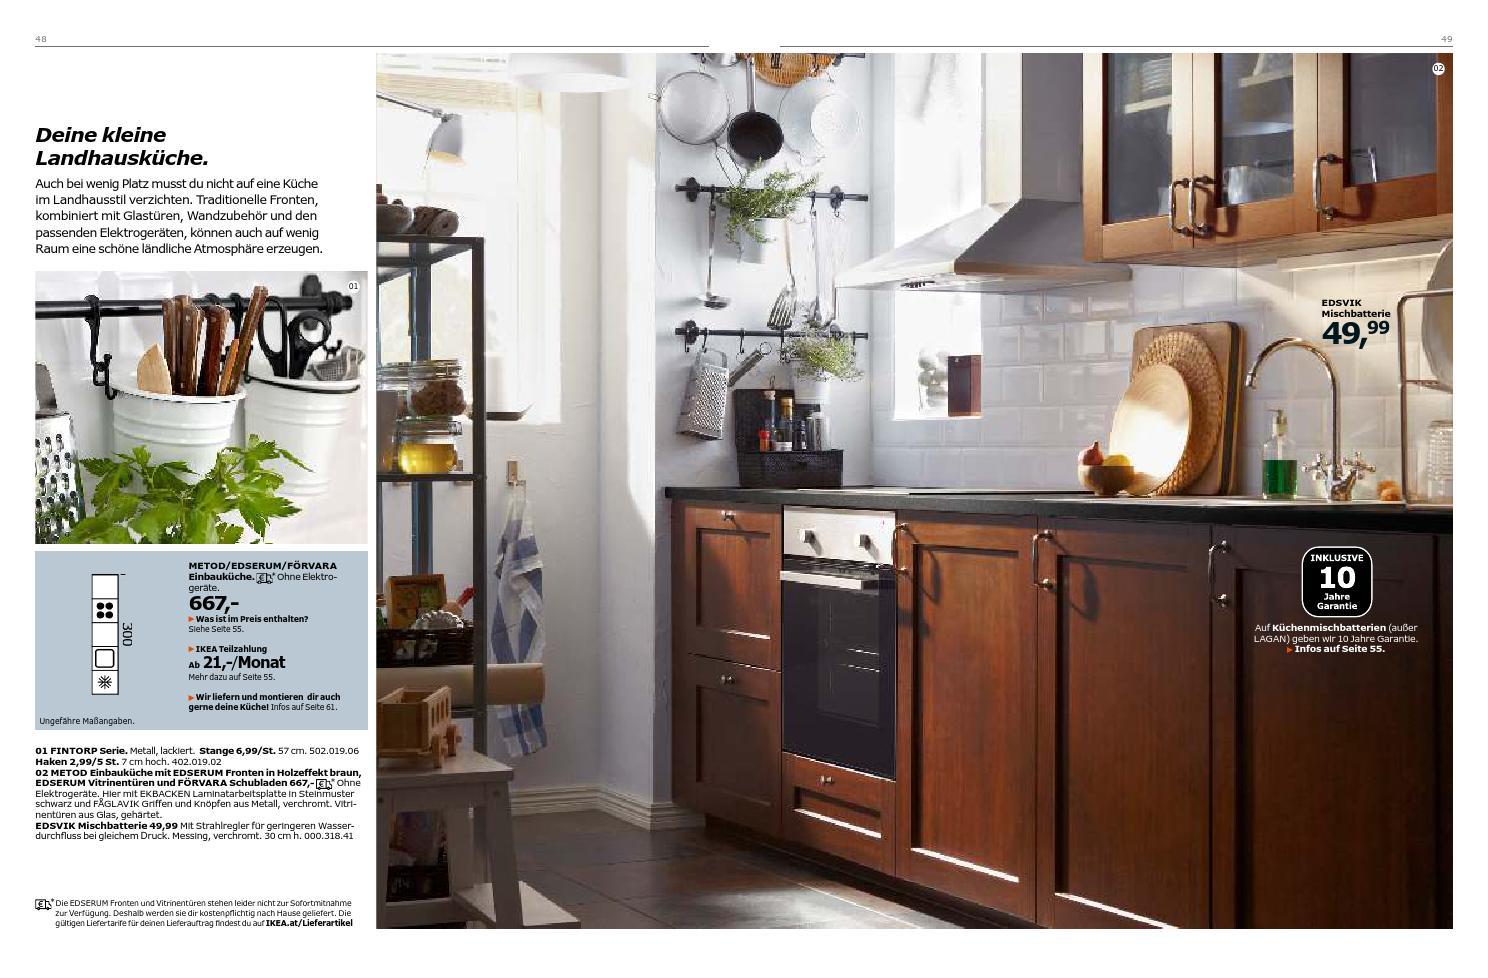 ikea kuche 25 jahre garantie. Black Bedroom Furniture Sets. Home Design Ideas